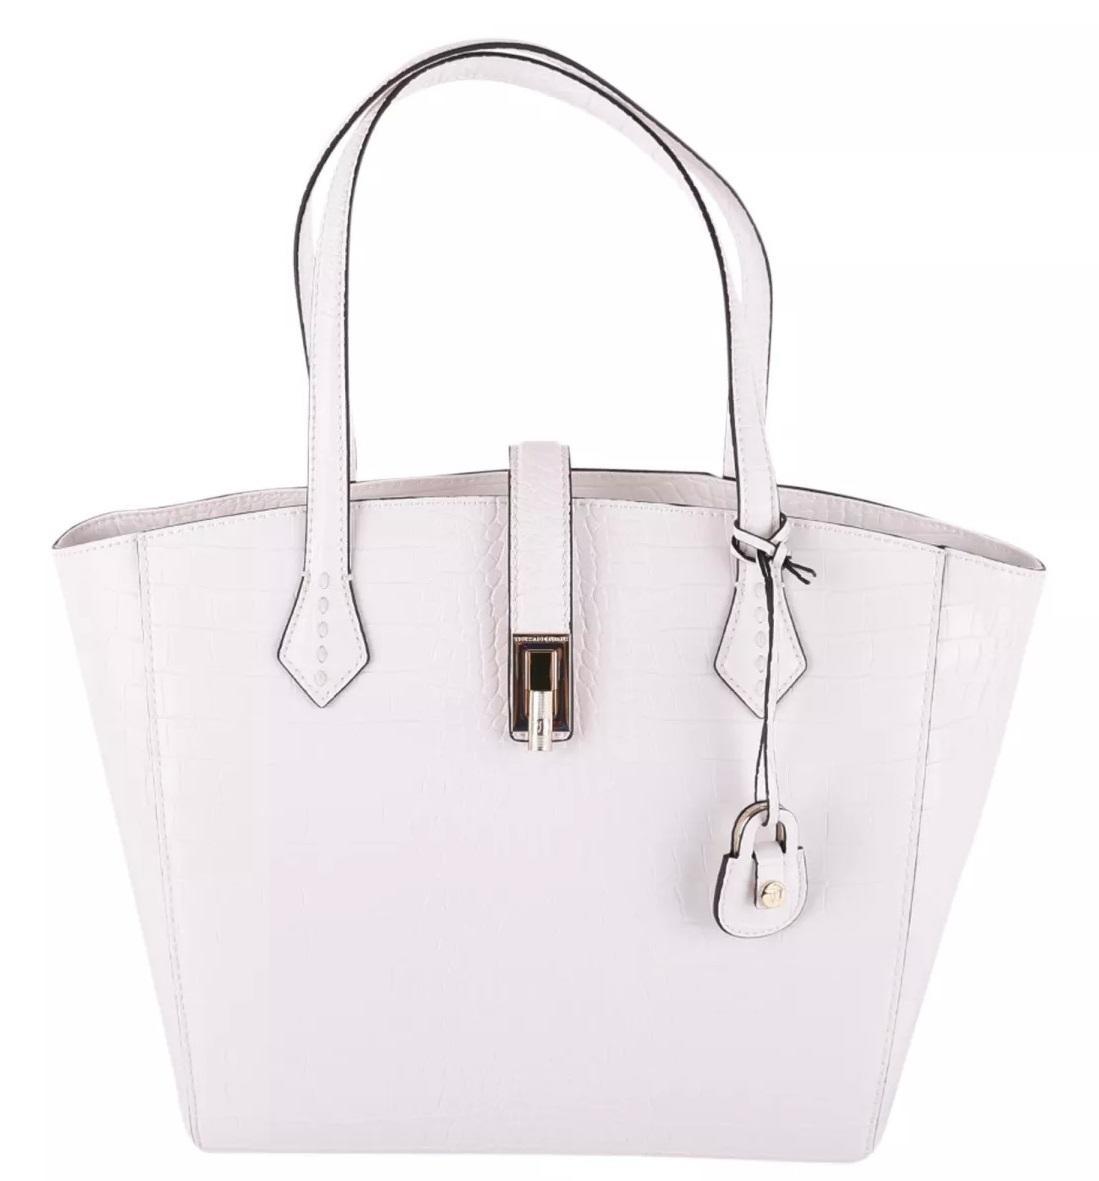 Trussardi Jeans Suzanne Cocco Shoulder Bag - Shop Online At Best Prices! fea00868a6d1b